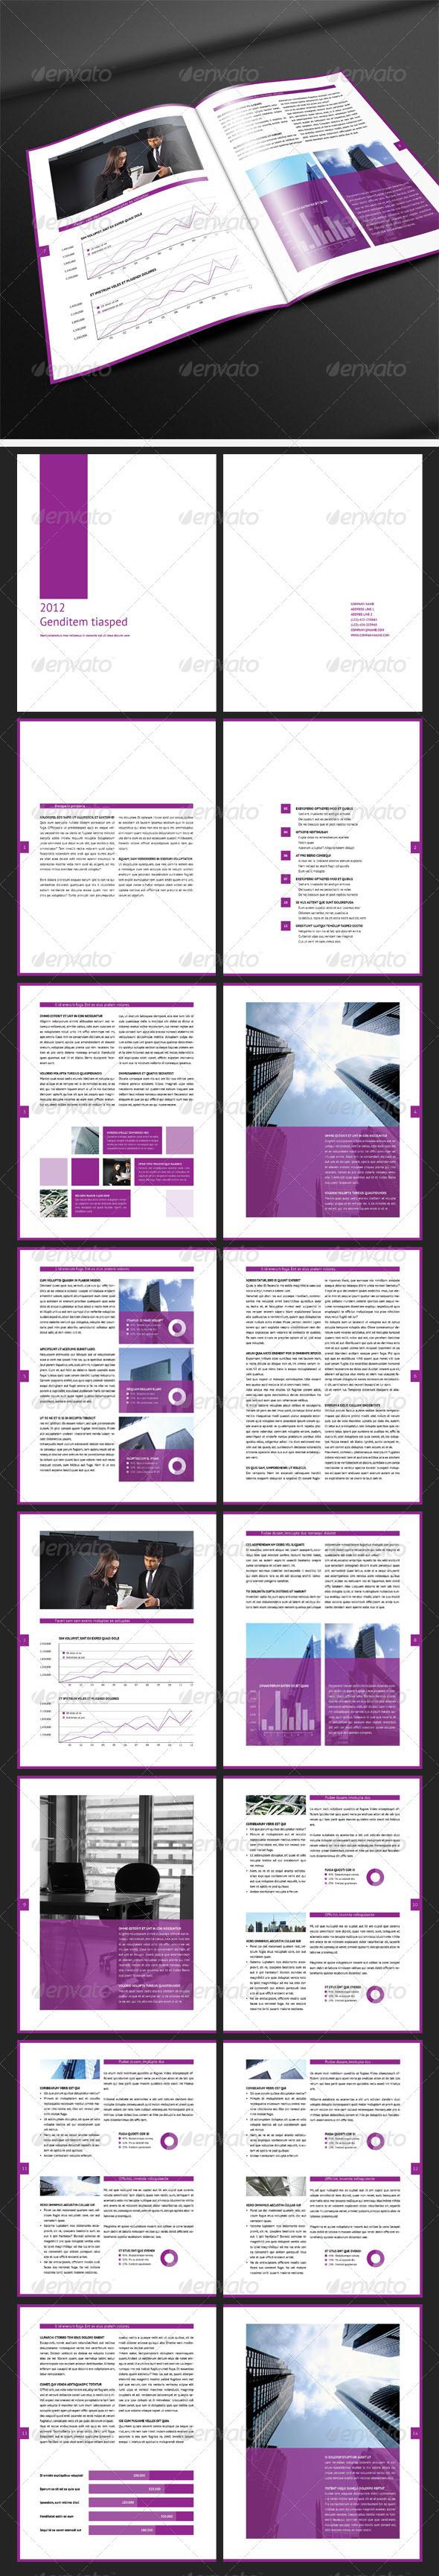 GraphicRiver Corporate Brochure 19 1683339